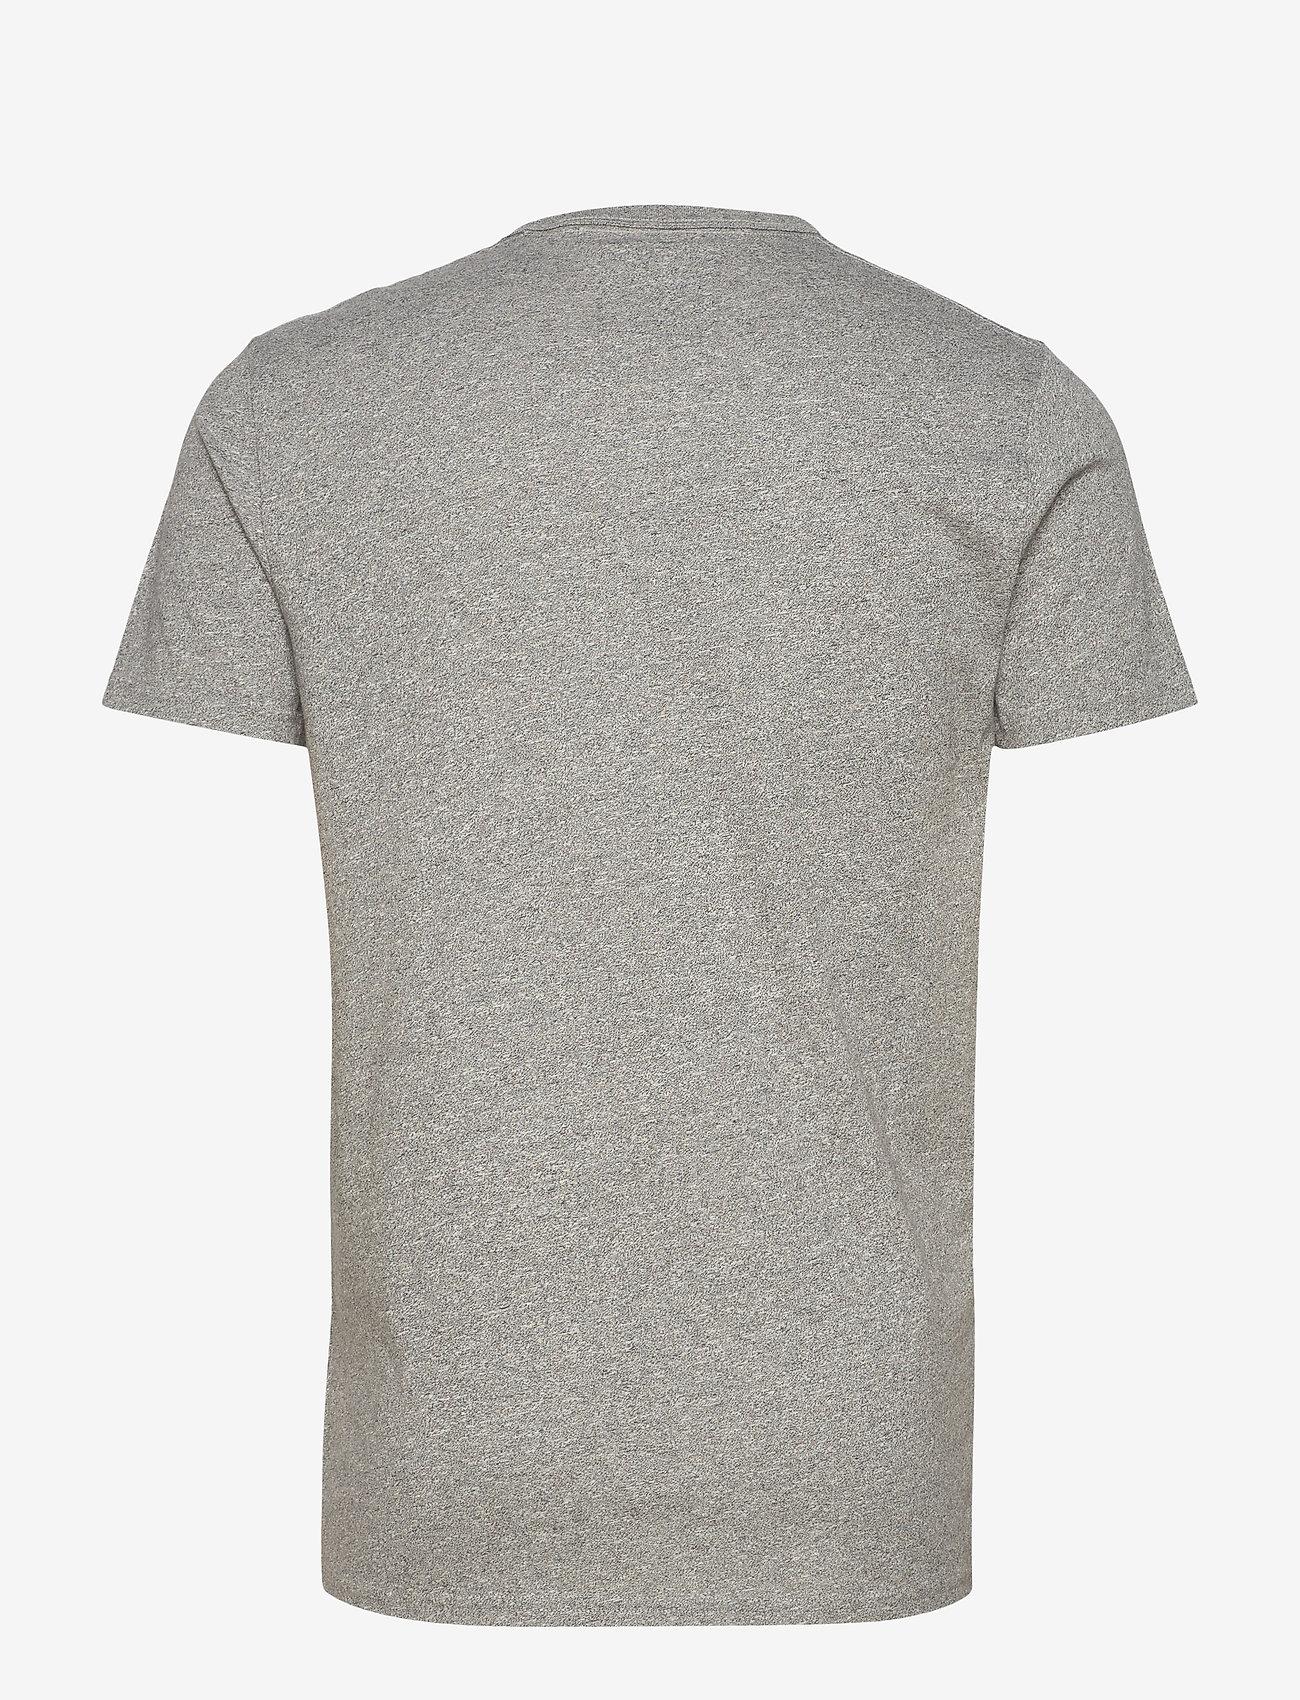 Hollister Core Tech - T-skjorter MED GREY SD/TEXTURE - Menn Klær